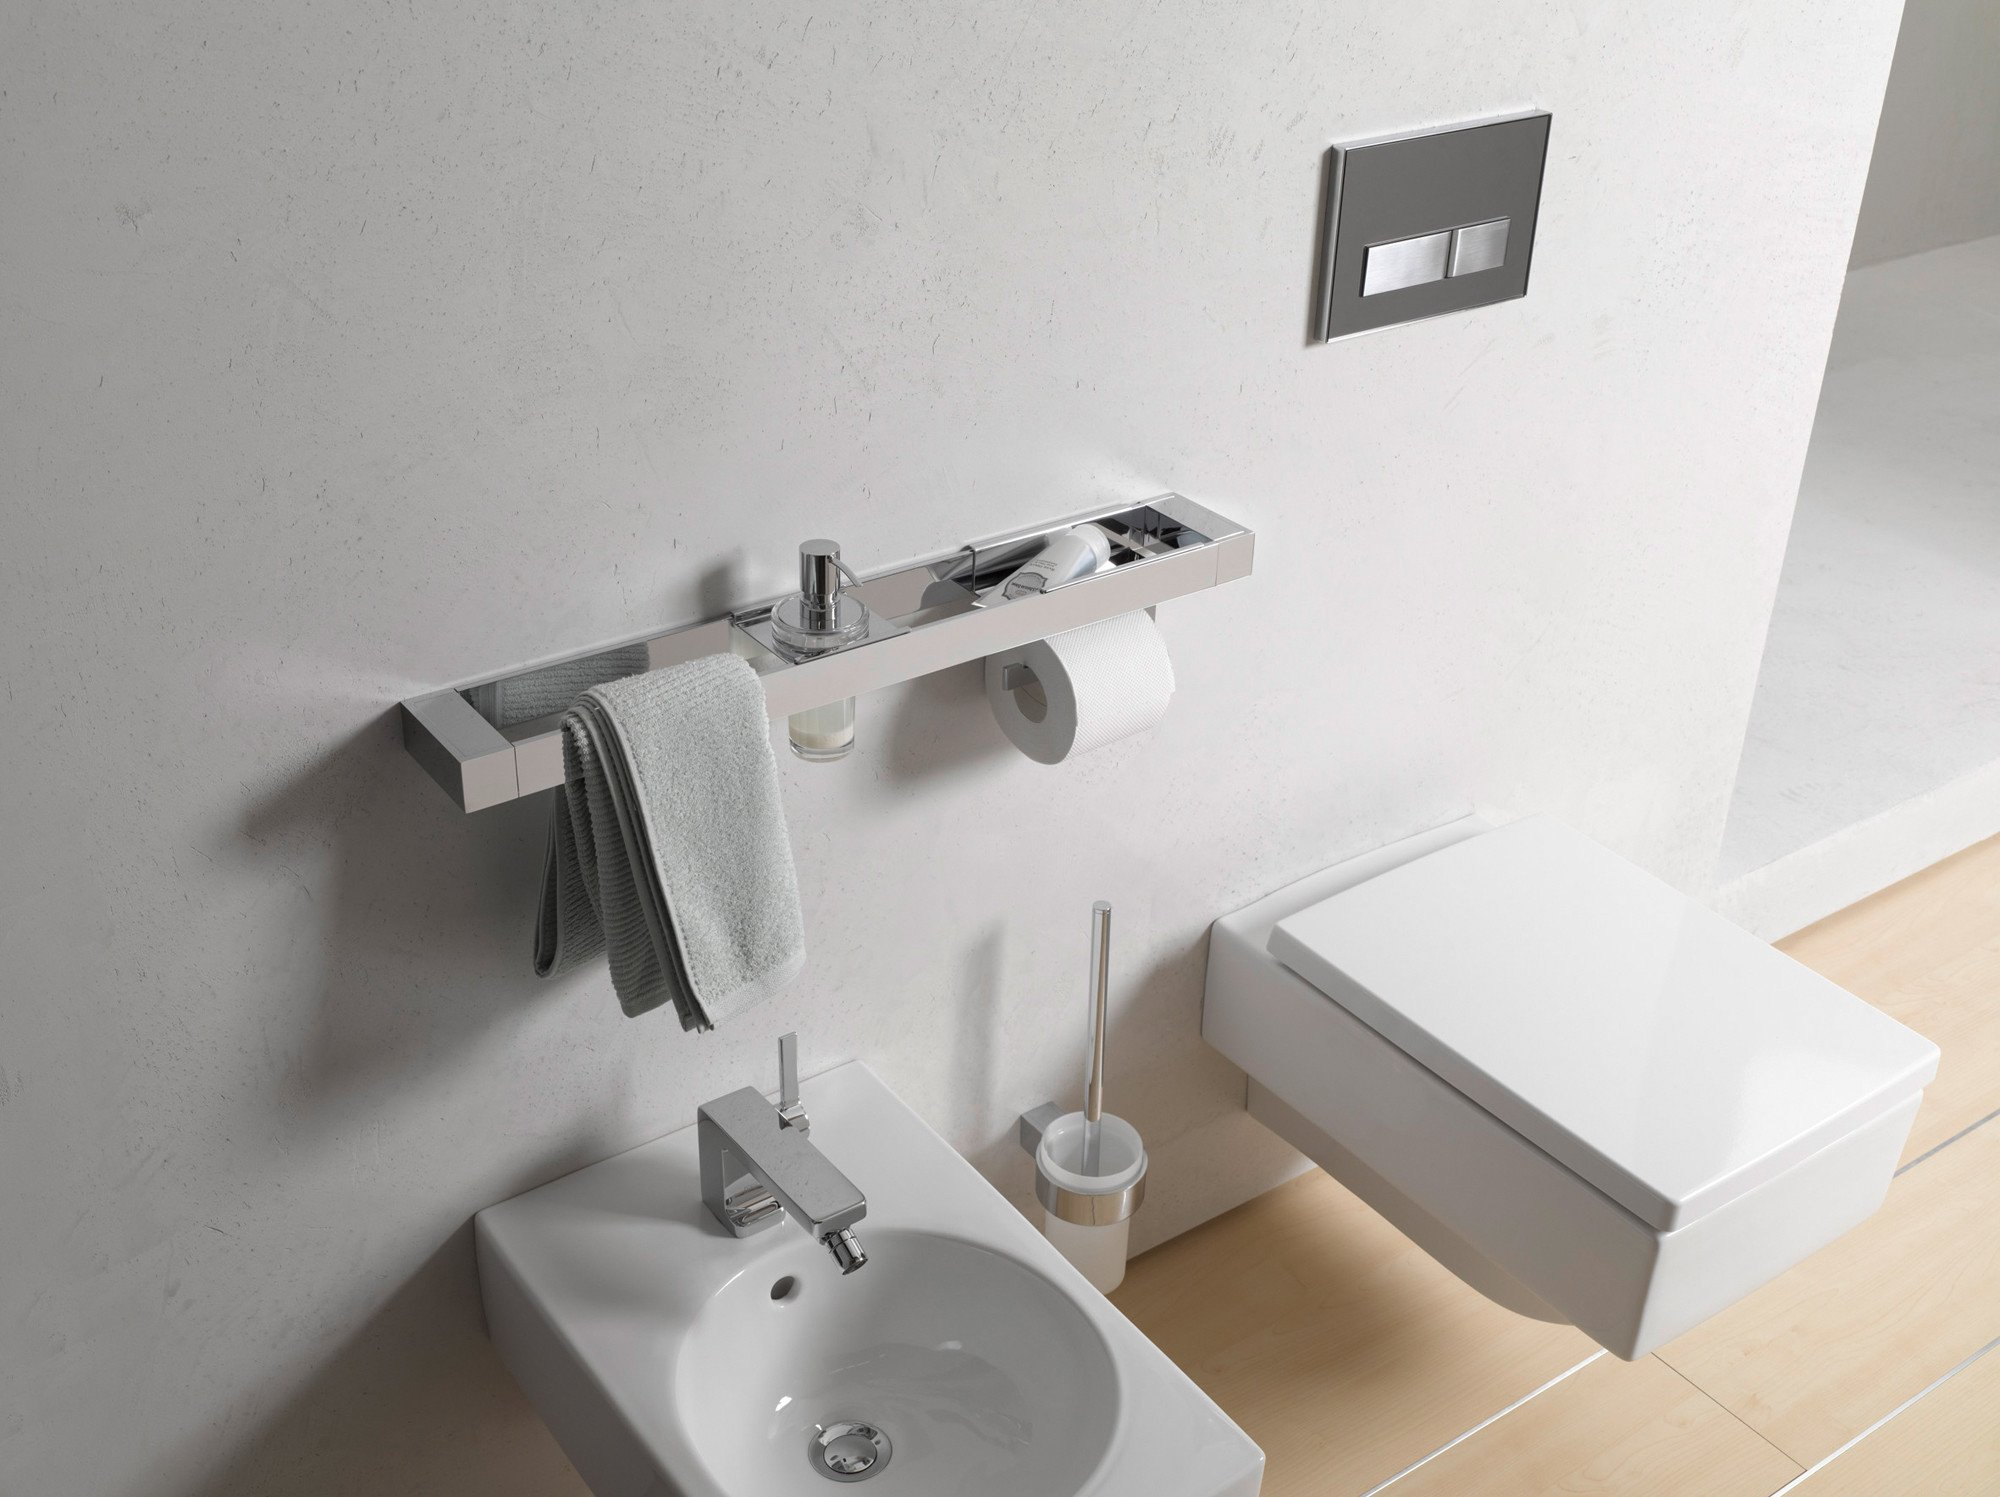 Einzelstuecke Im Badzubehoer : Accessoires Bad Und Sanitär Zubehör Baunetz  Wissen